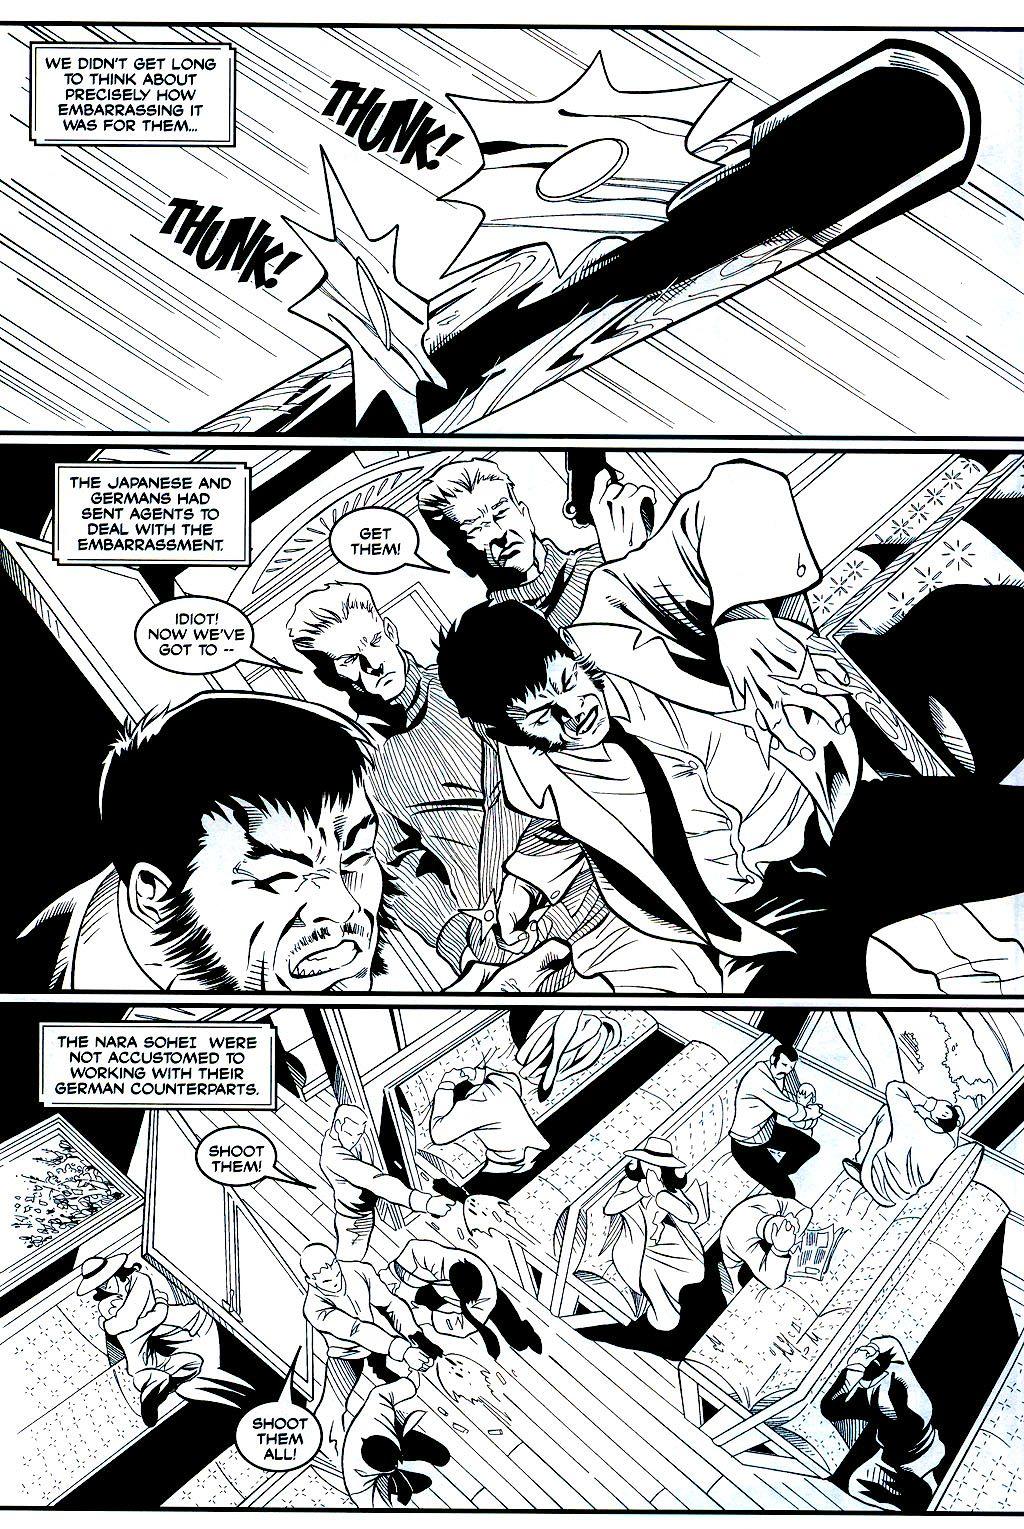 Read online Shi: Sempo comic -  Issue #1 - 4